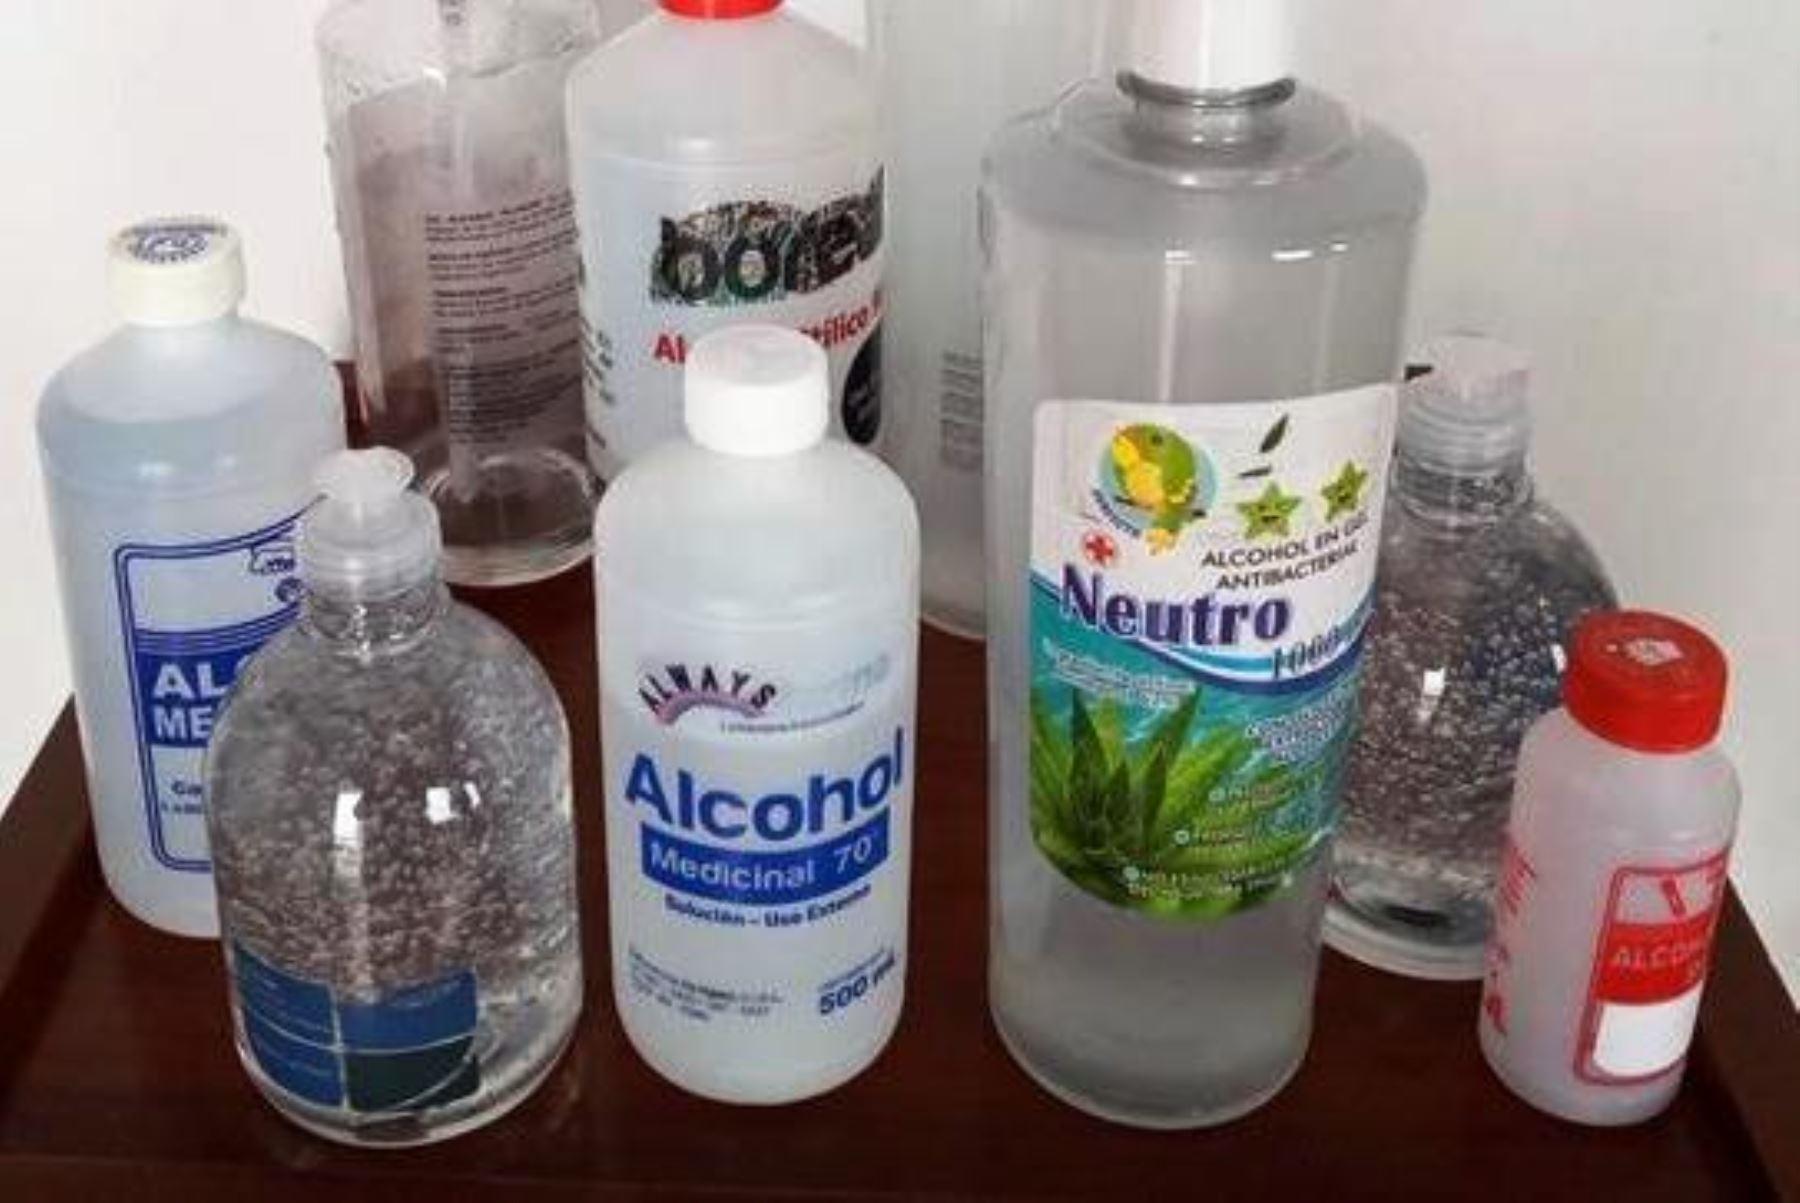 fiscalizan-que-alcoholes-cuenten-con-autorizaciones-necesarias-para-su-comercializacion